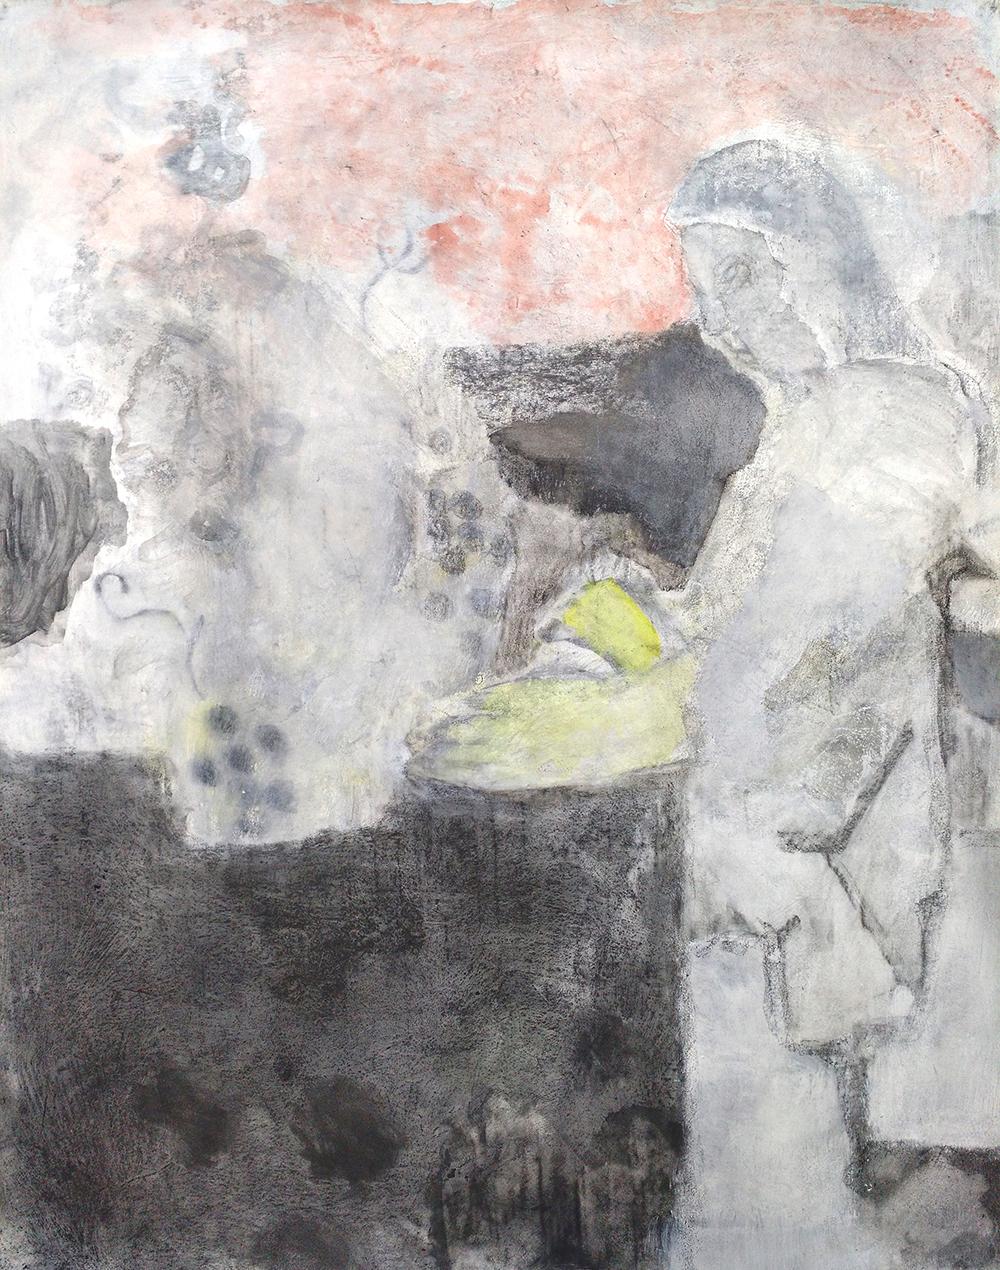 """Laurence Pilon, Les belles surprises , 2019, aquarelle et graphite sur papier préparé, 70 x 57 cm (27.5"""" x 22.5"""")"""